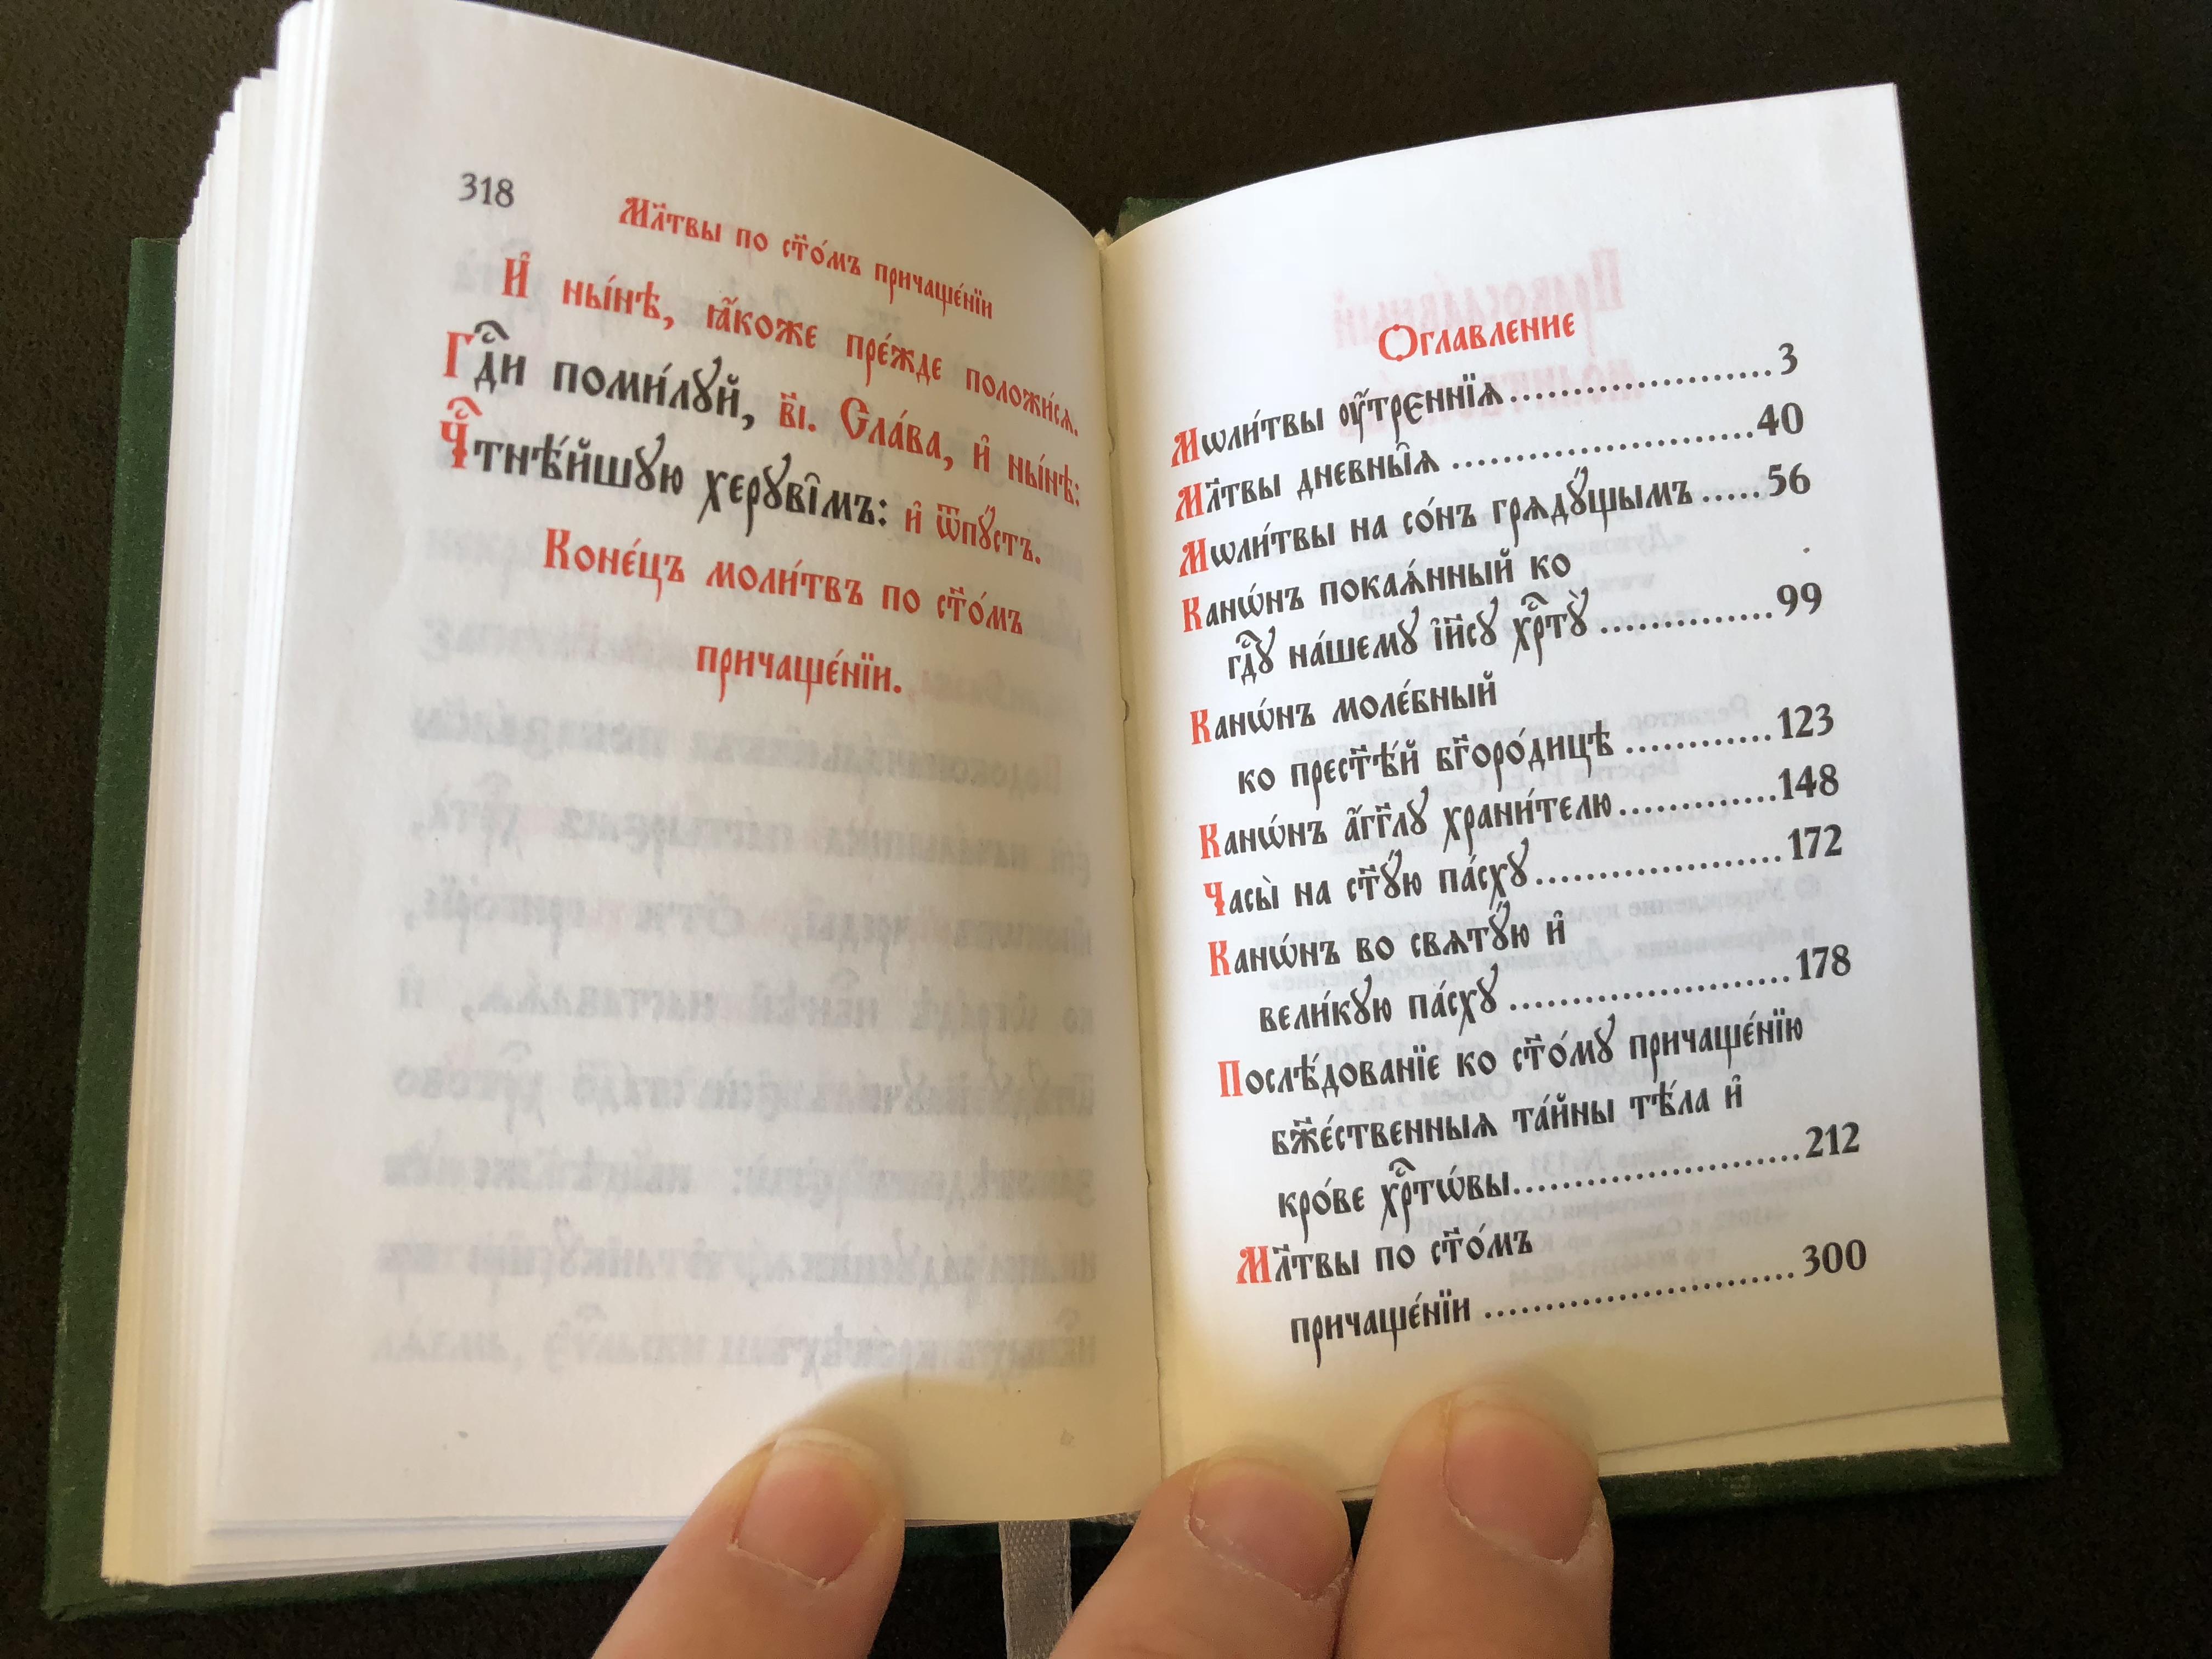 church-slavonic-pravoslav-green-prayer-book-pravoslavnij-14-.jpg